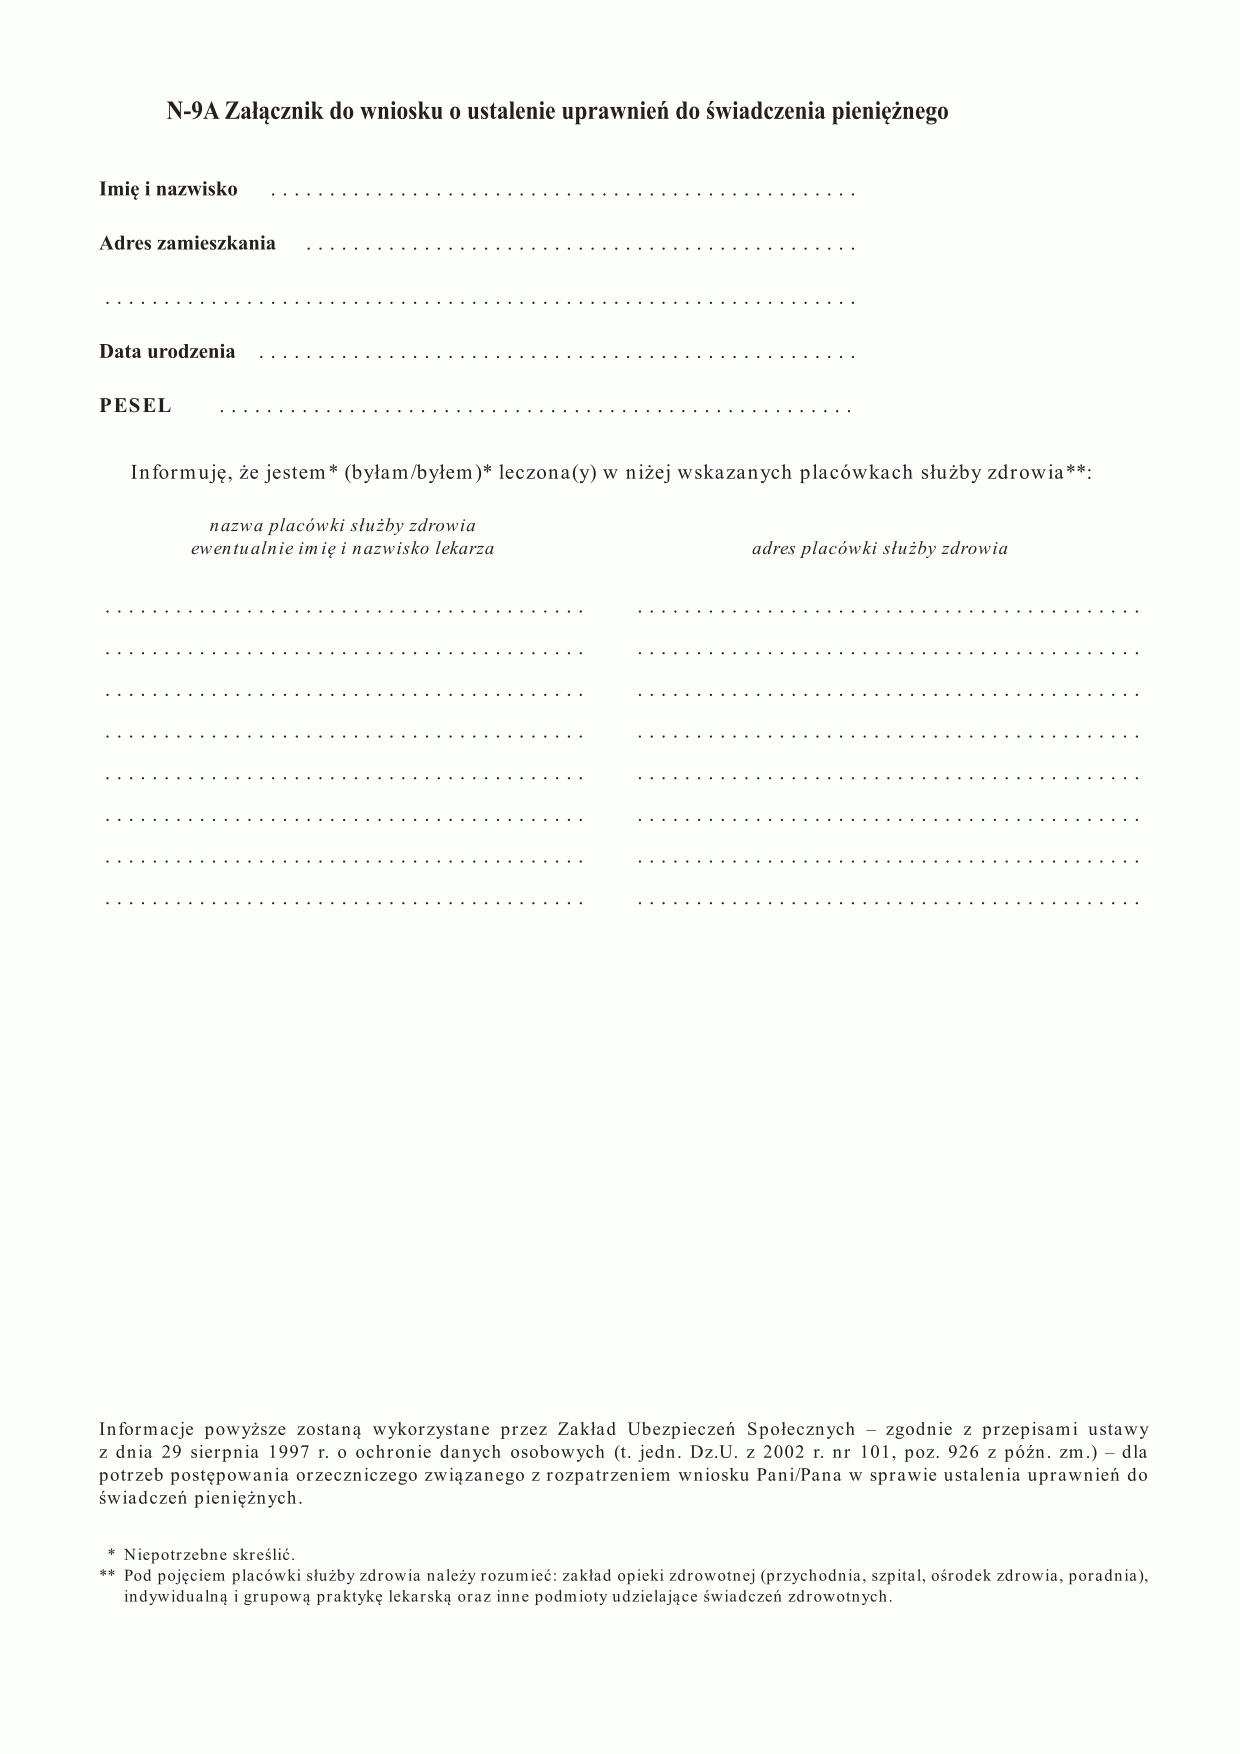 ZUS N-9A  (archiwalny) Załącznik do wniosku o ustalenie uprawnień do świadczenia pieniężnego